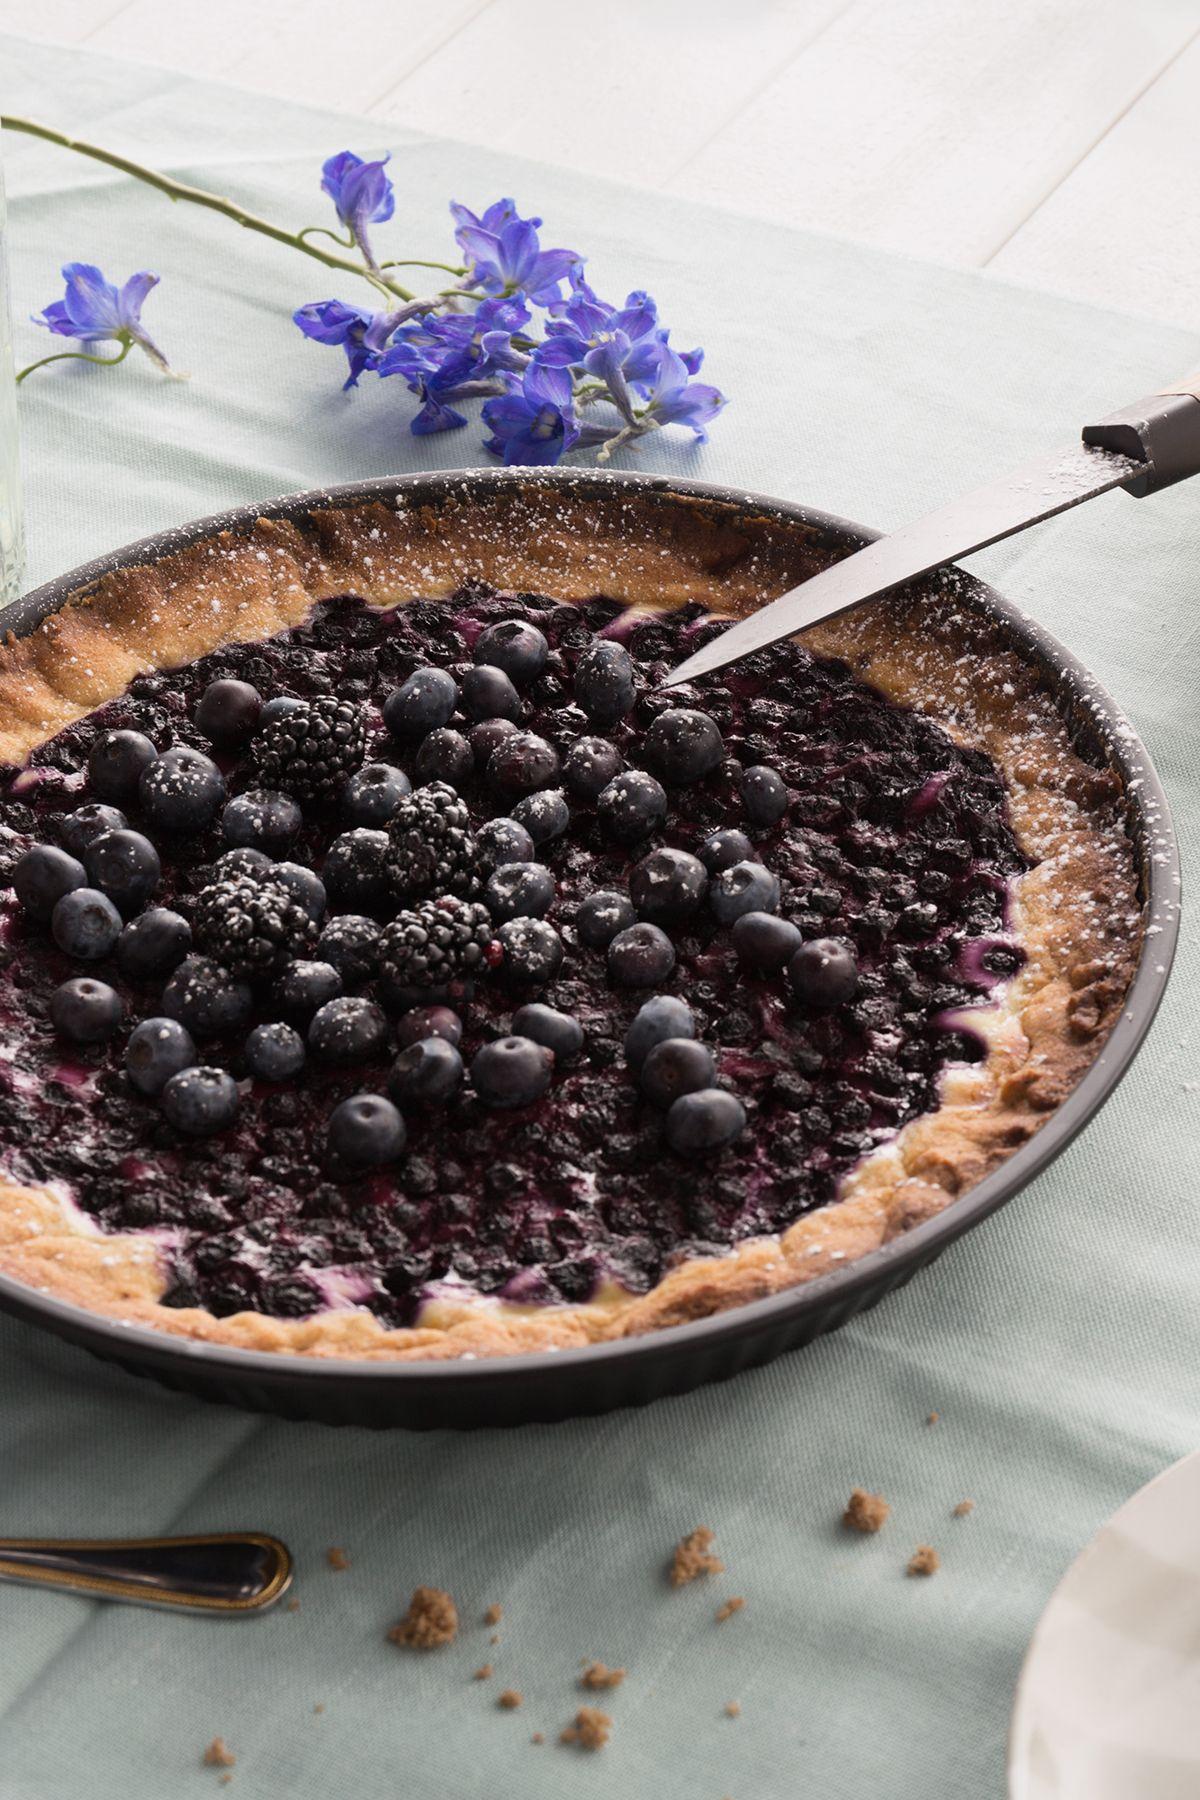 Miten olisi maistuva mustikkapiirakka talkooväelle? #tikkurila #maalaustalkoot #resepti #mustikkapiirakka #eväät #kesä #mökki #koti #piha